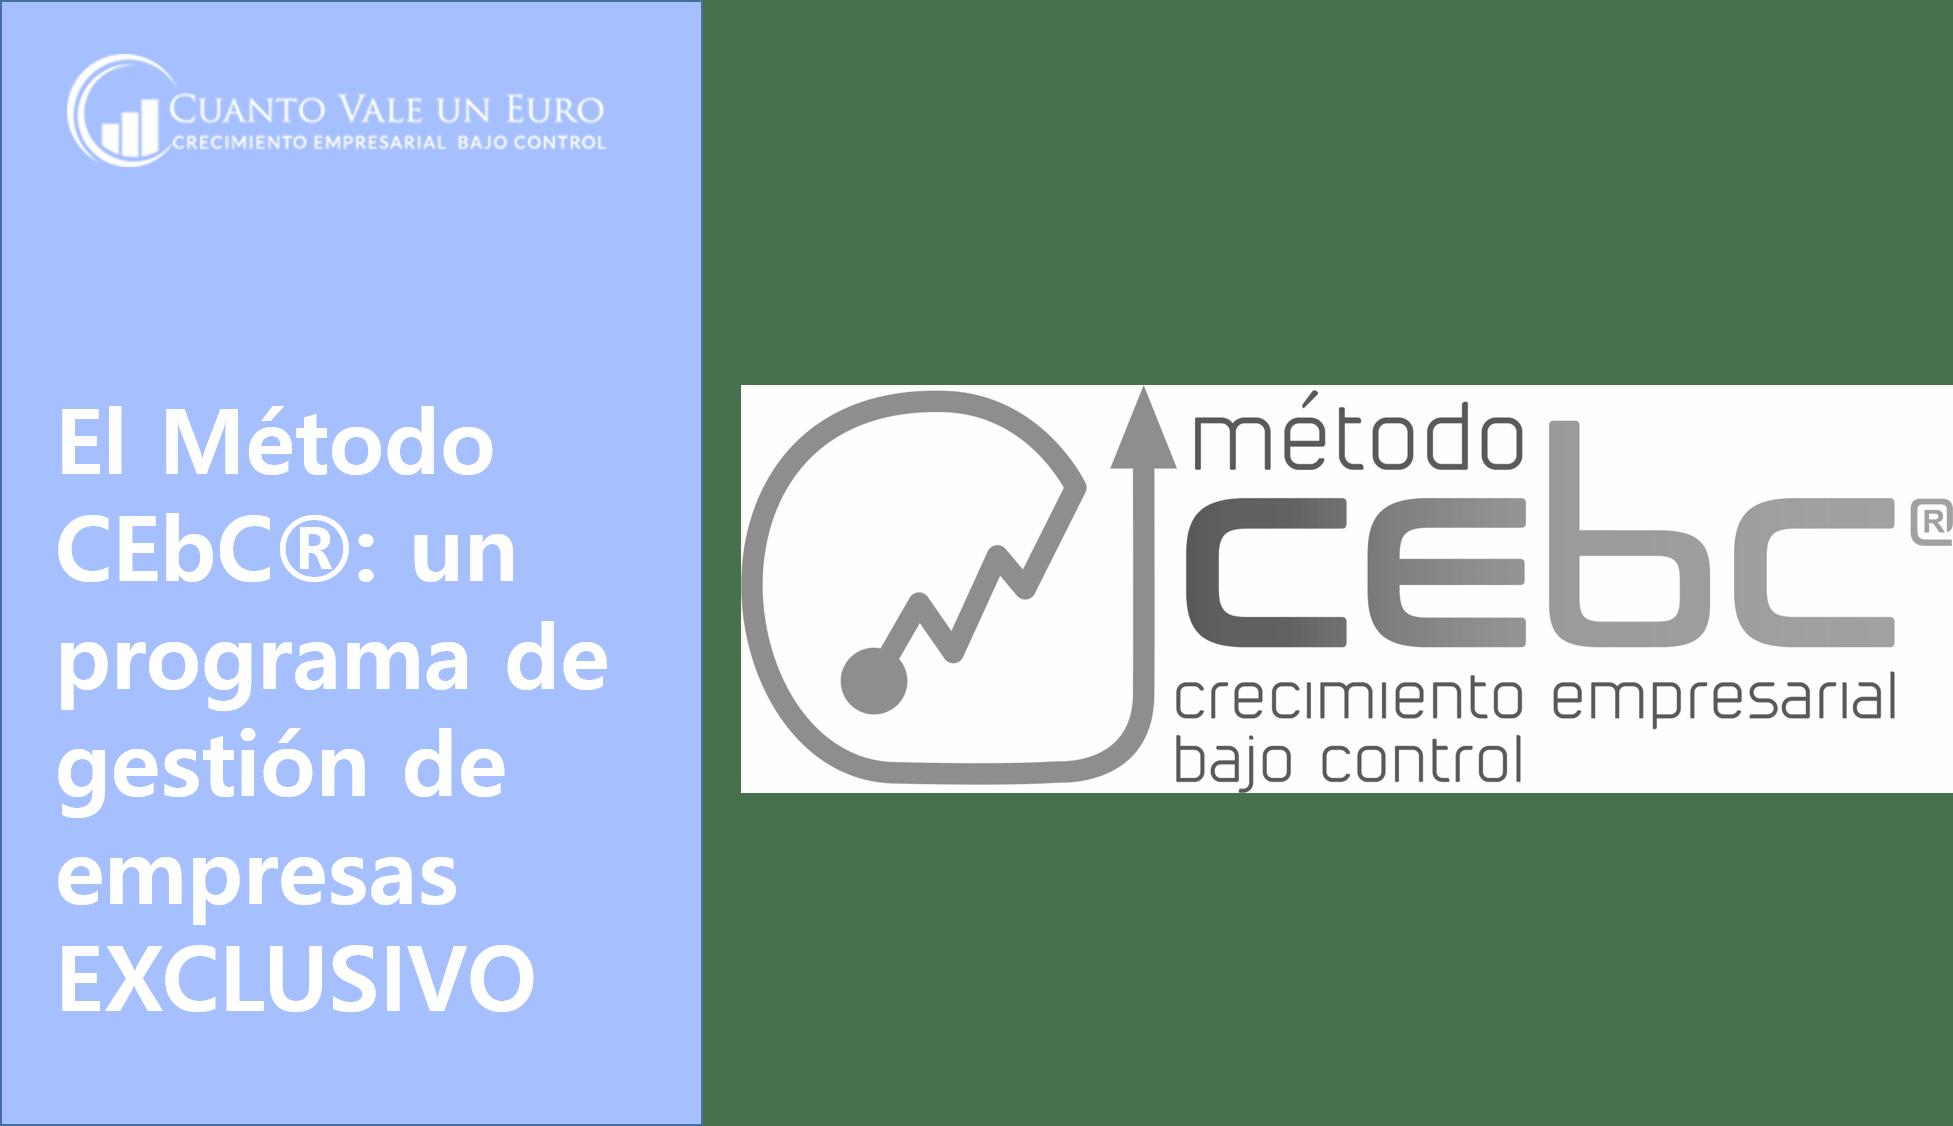 El Método CEbC®: un programa de gestión de empresas exclusivo